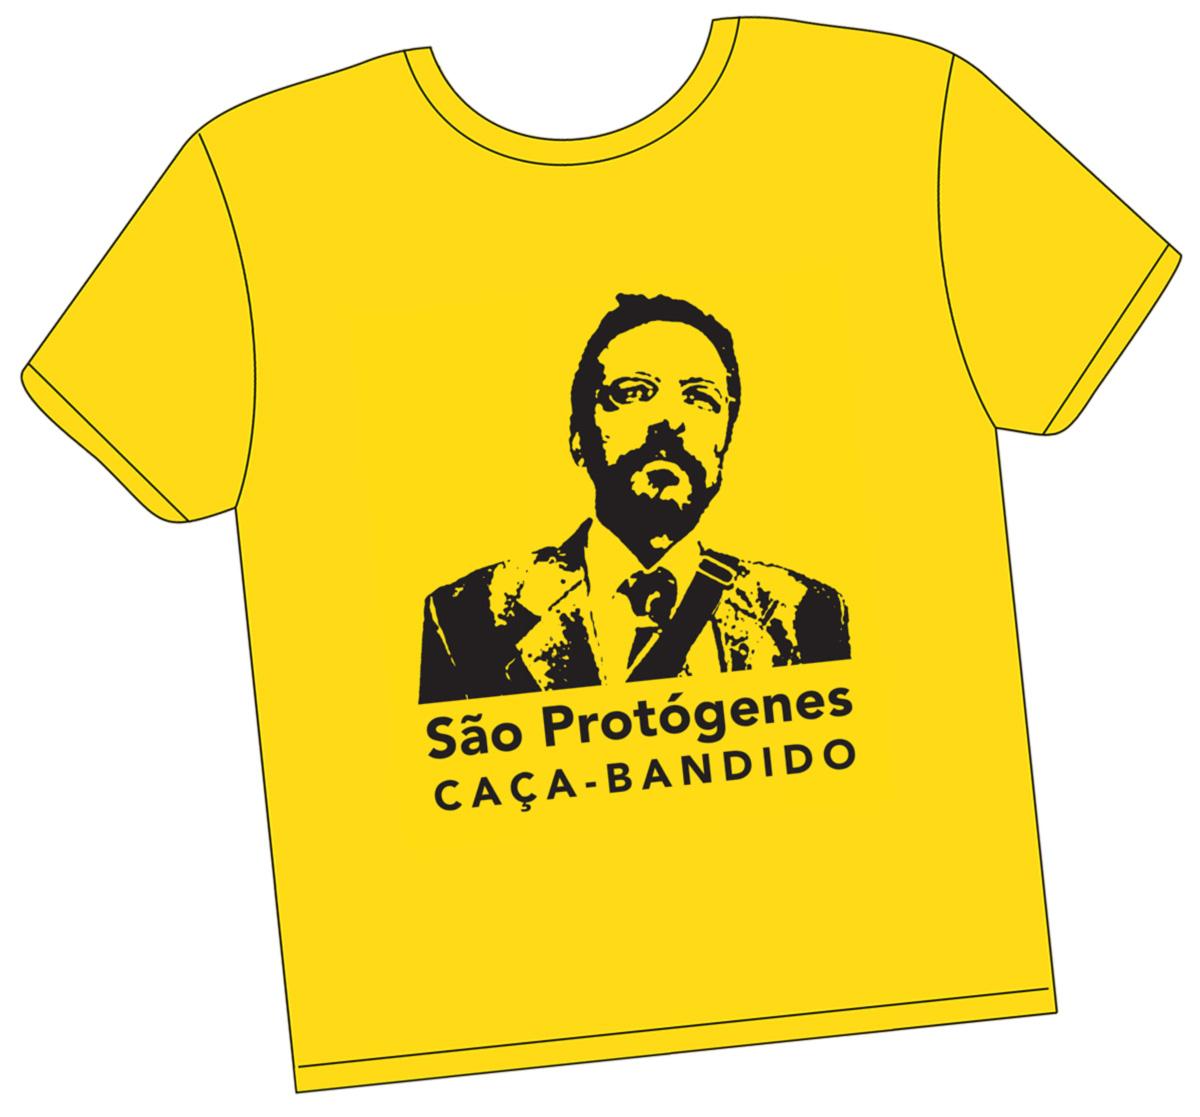 O delegado Protógenes deu à Globo a exclusividade da cobertura da prisão de Daniel Dantas e usou funcionários da emissora para gravar um suposto flagrante de tentativa de suborno